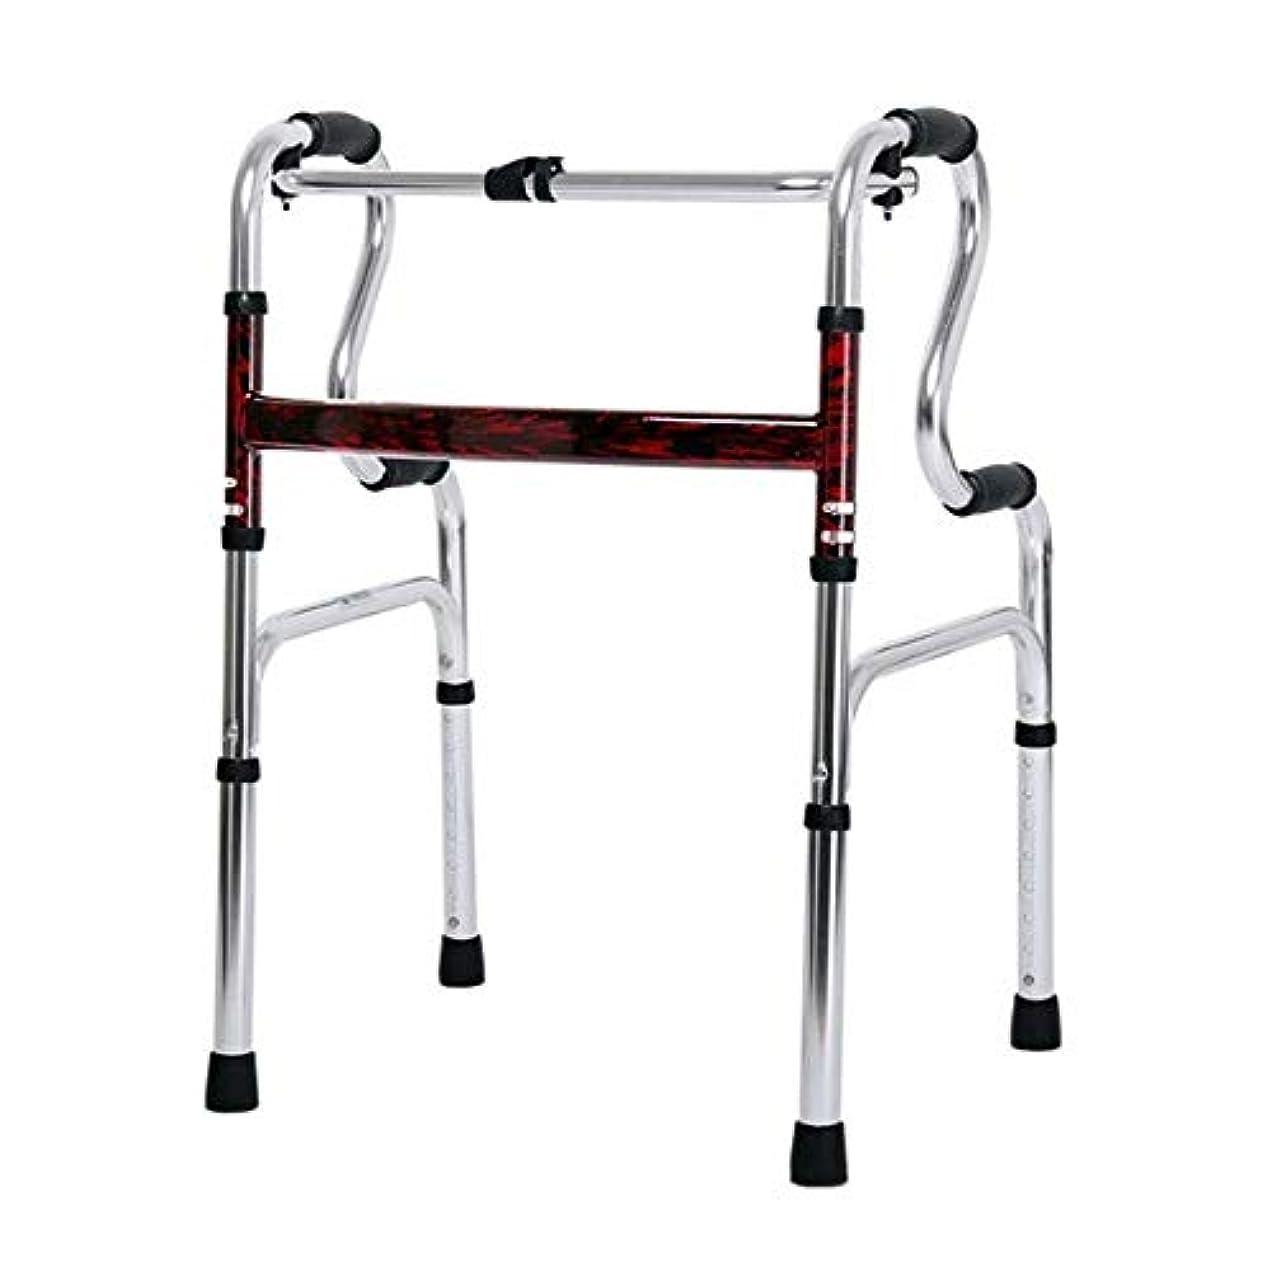 リハビリテーション歩行器、多機能高齢者歩行ブラケット、身体障害者用両腕歩行器 (Color : 銀)